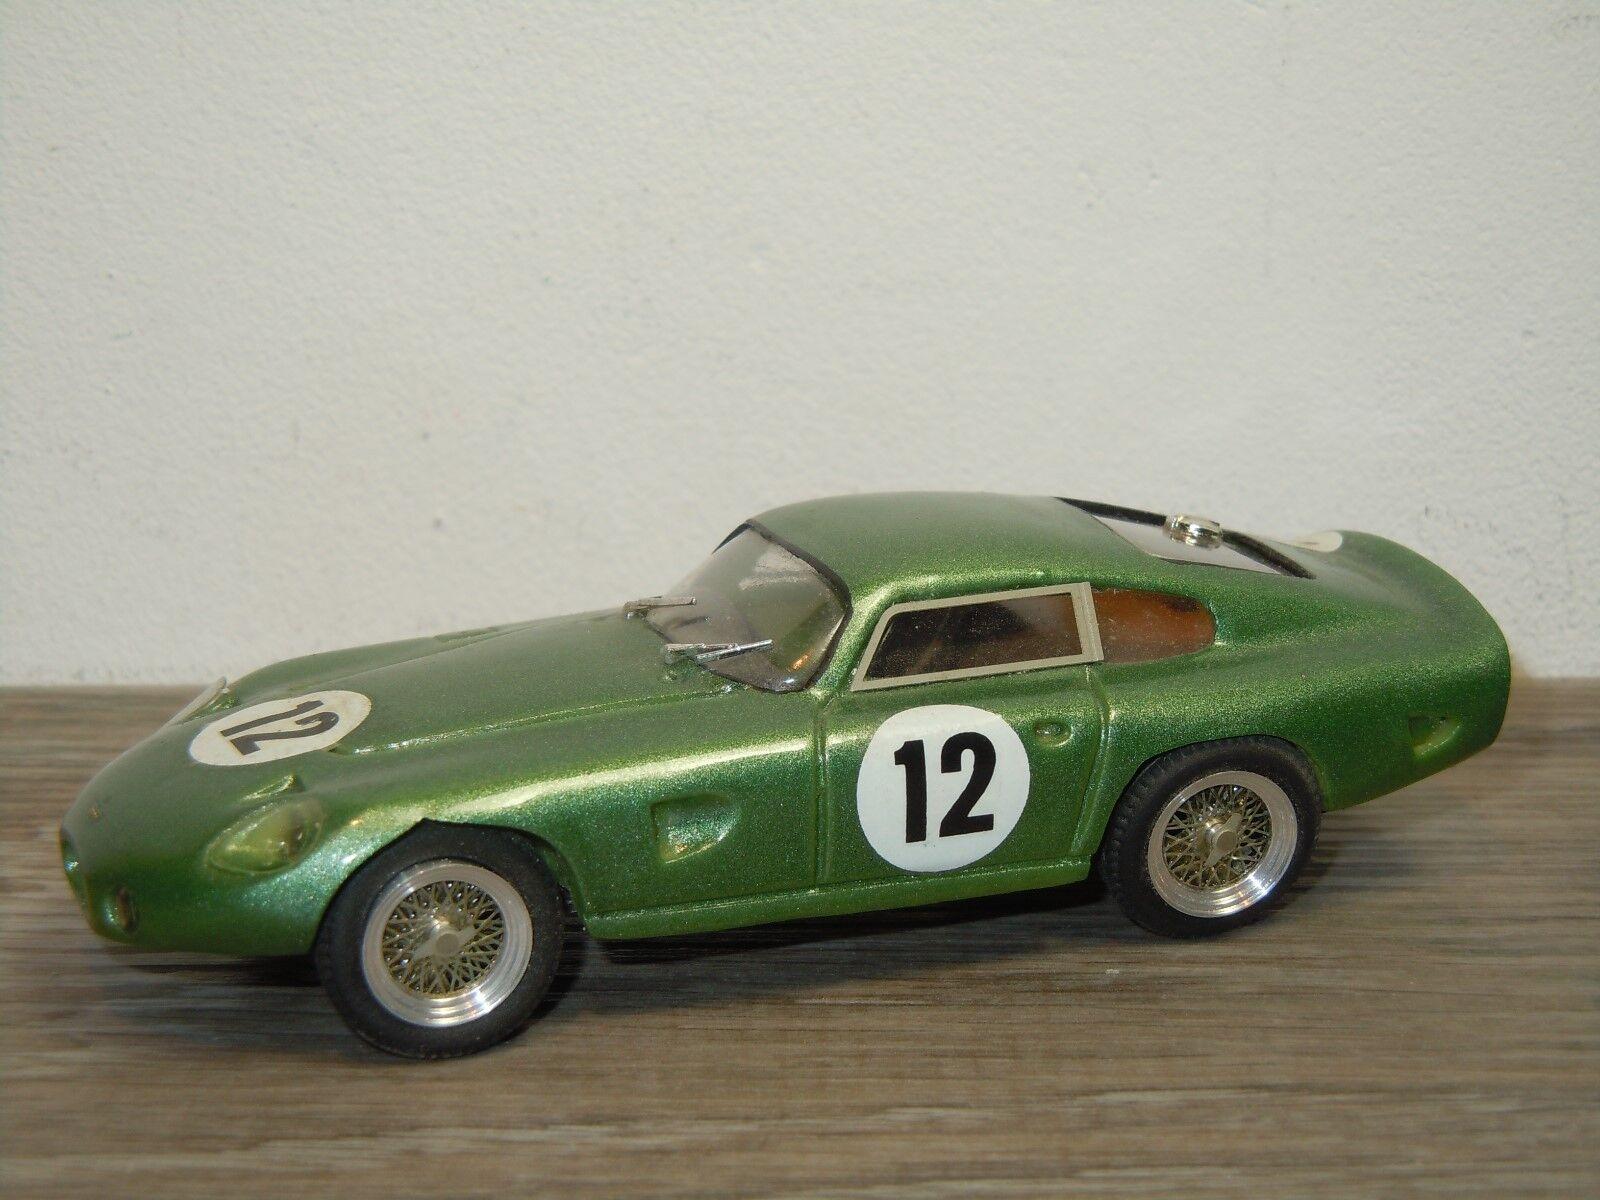 Aston Martin P214 Racing Car - Jolly Models 1 43 35511